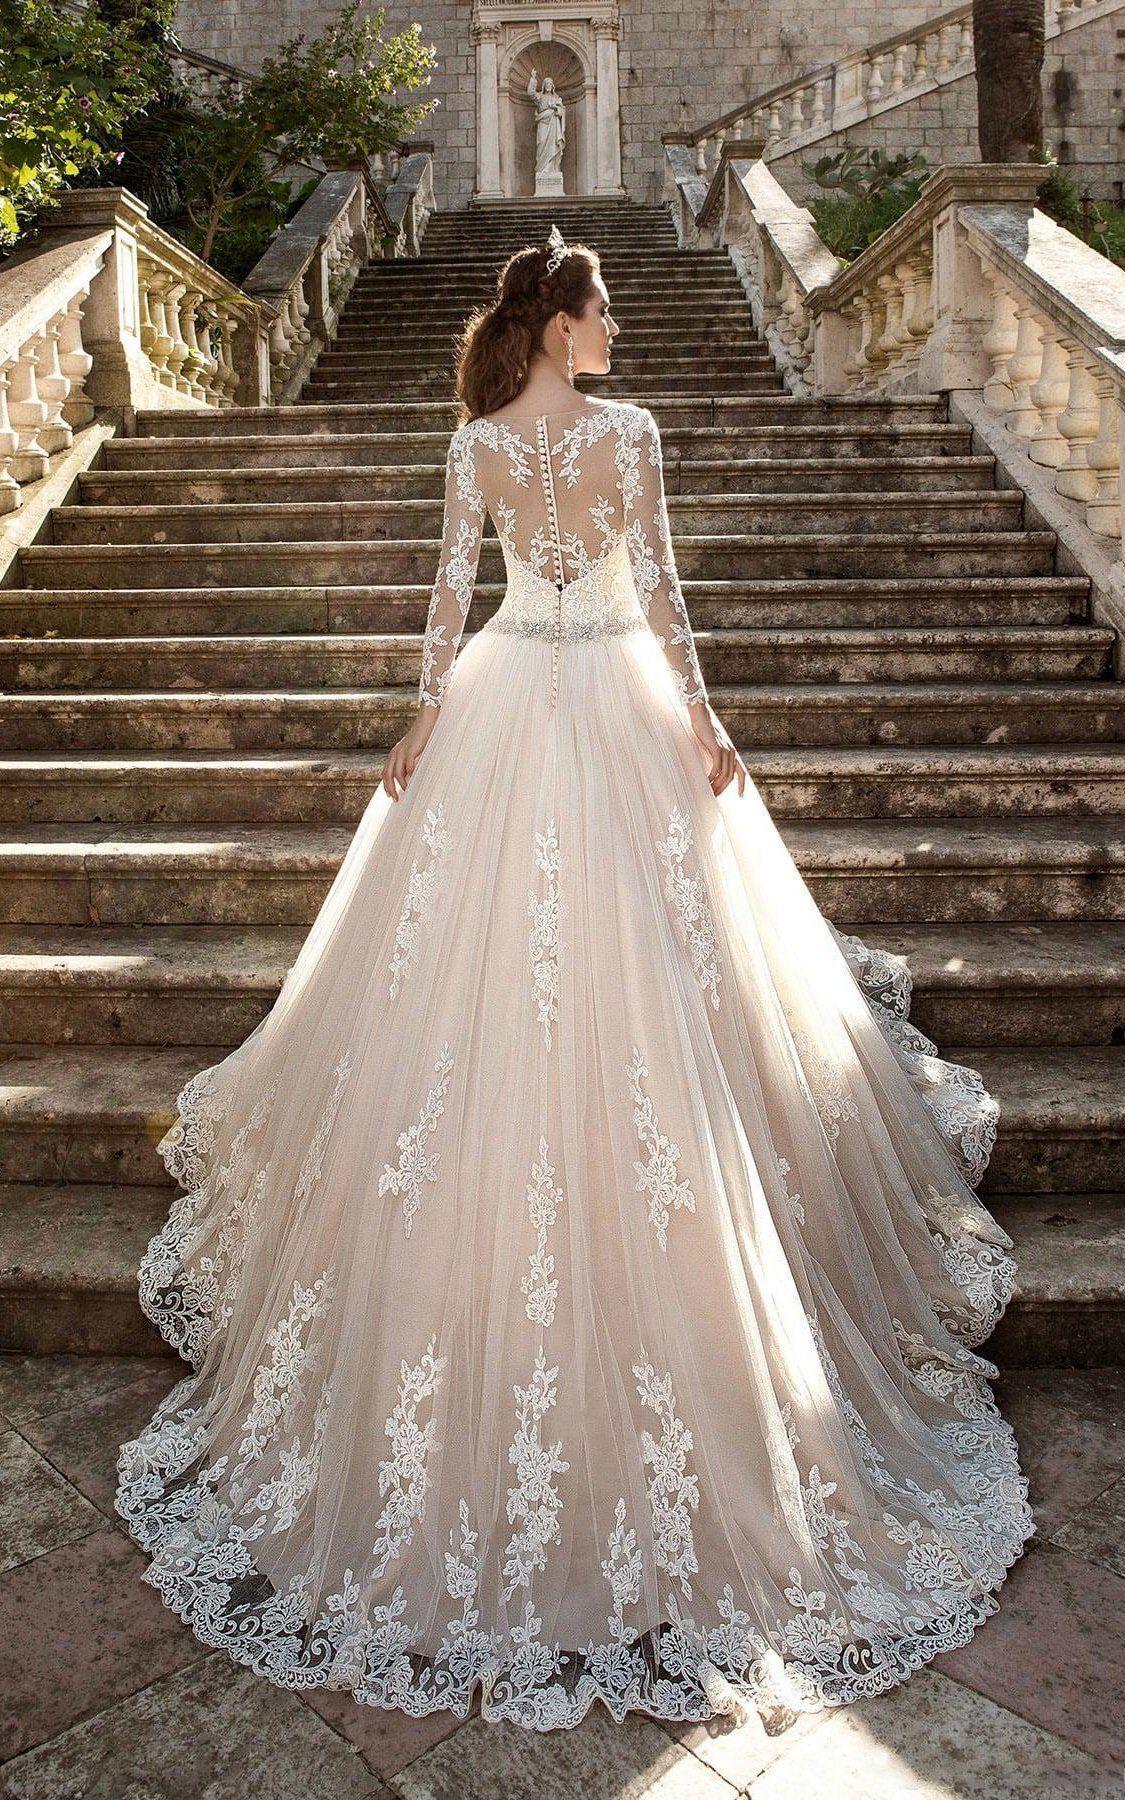 Stunning Long Sleeve Ball Gown Lace Dress 713579 Sheer Wedding Dress Wedding Dresses Cinderella Wedding Dress Long Sleeve [ 1800 x 1125 Pixel ]